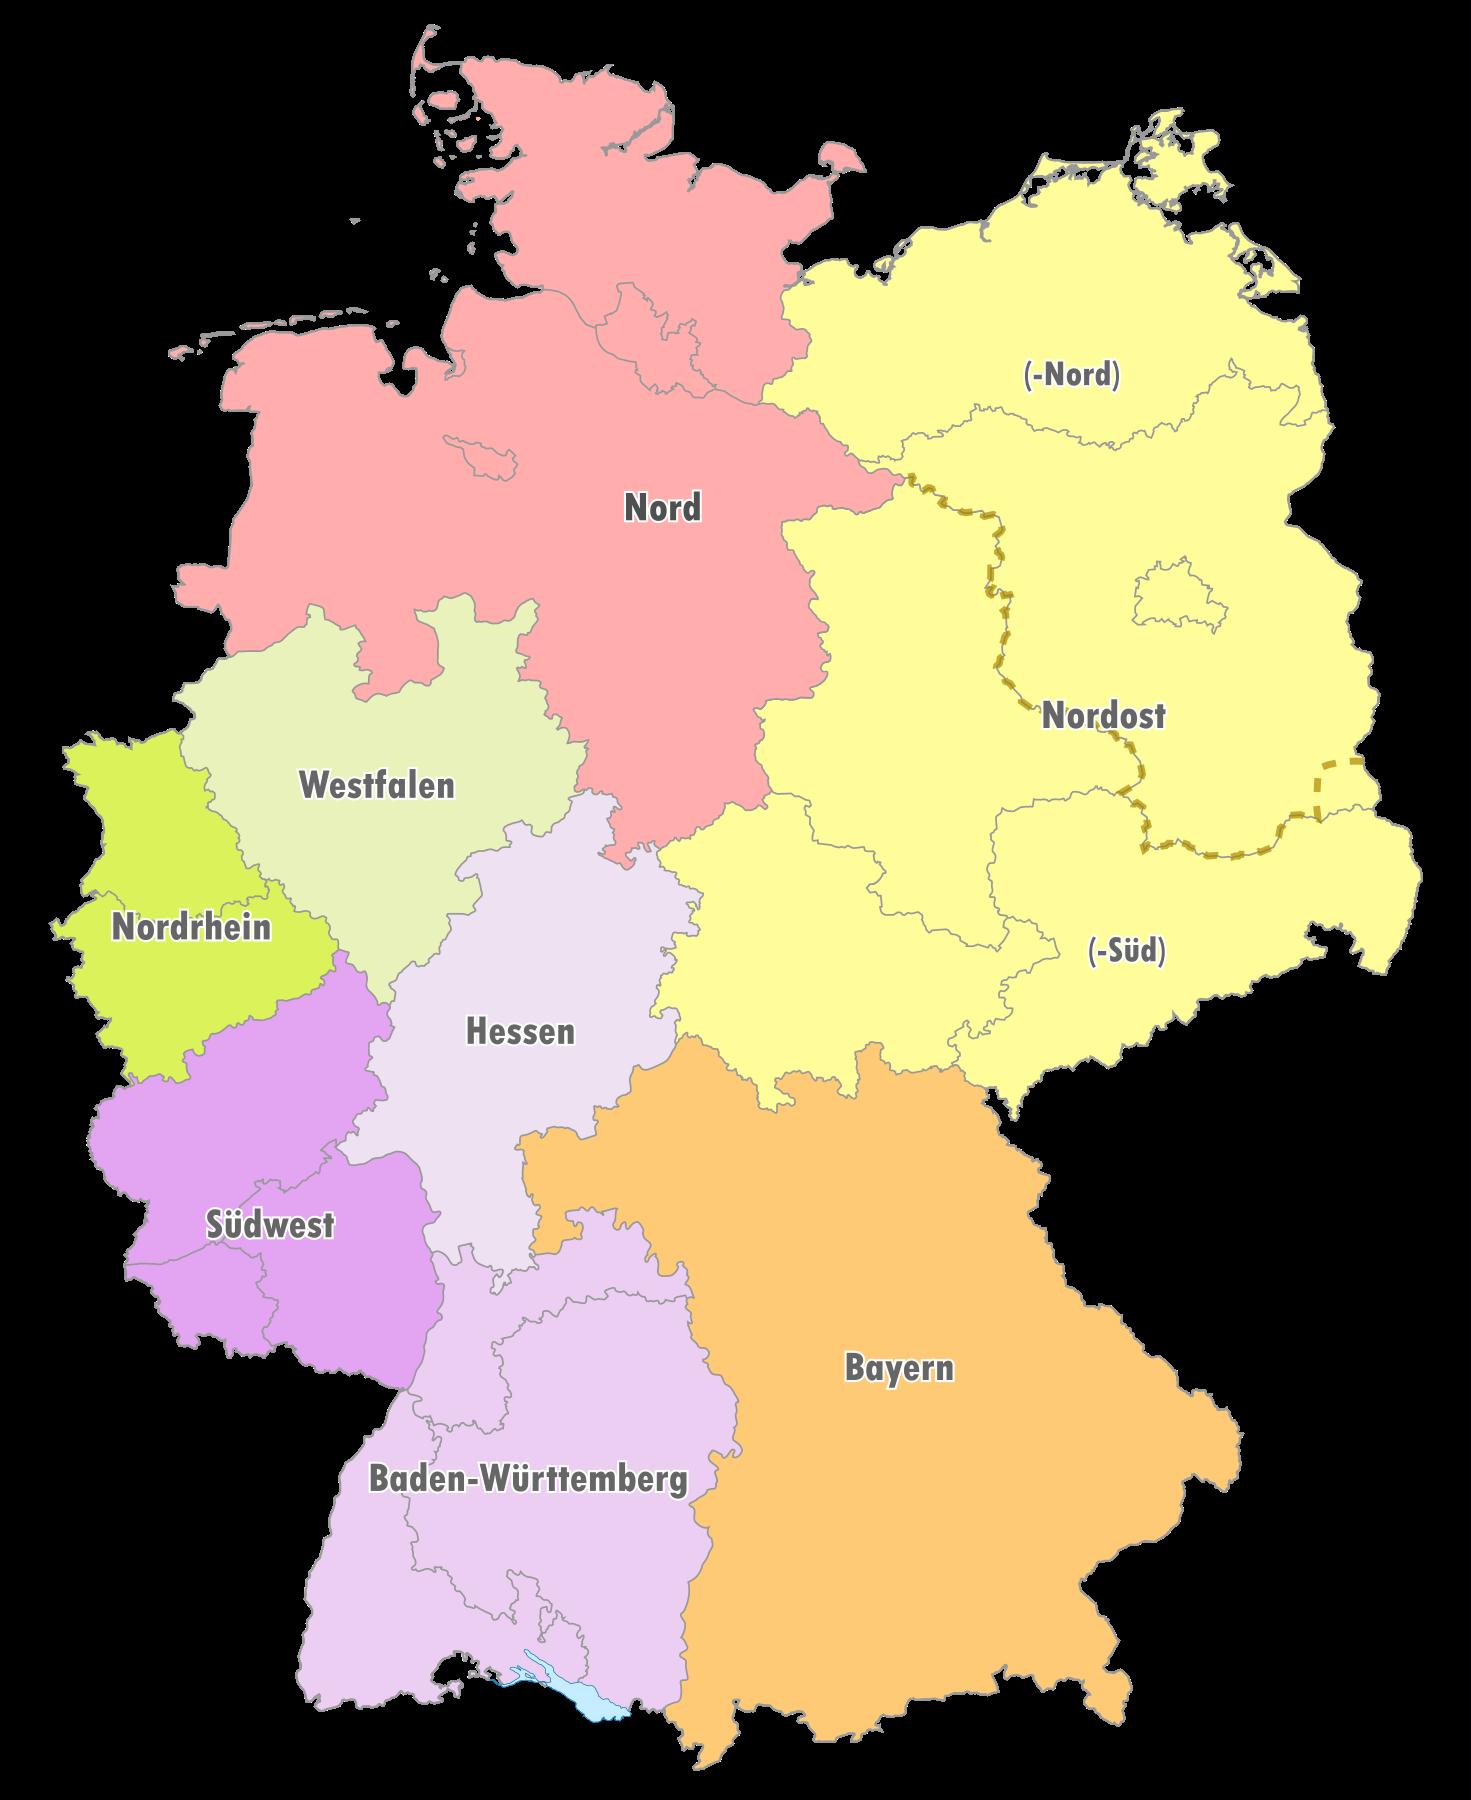 Geografische Einteilung der Oberligen zur Saison 2007/08